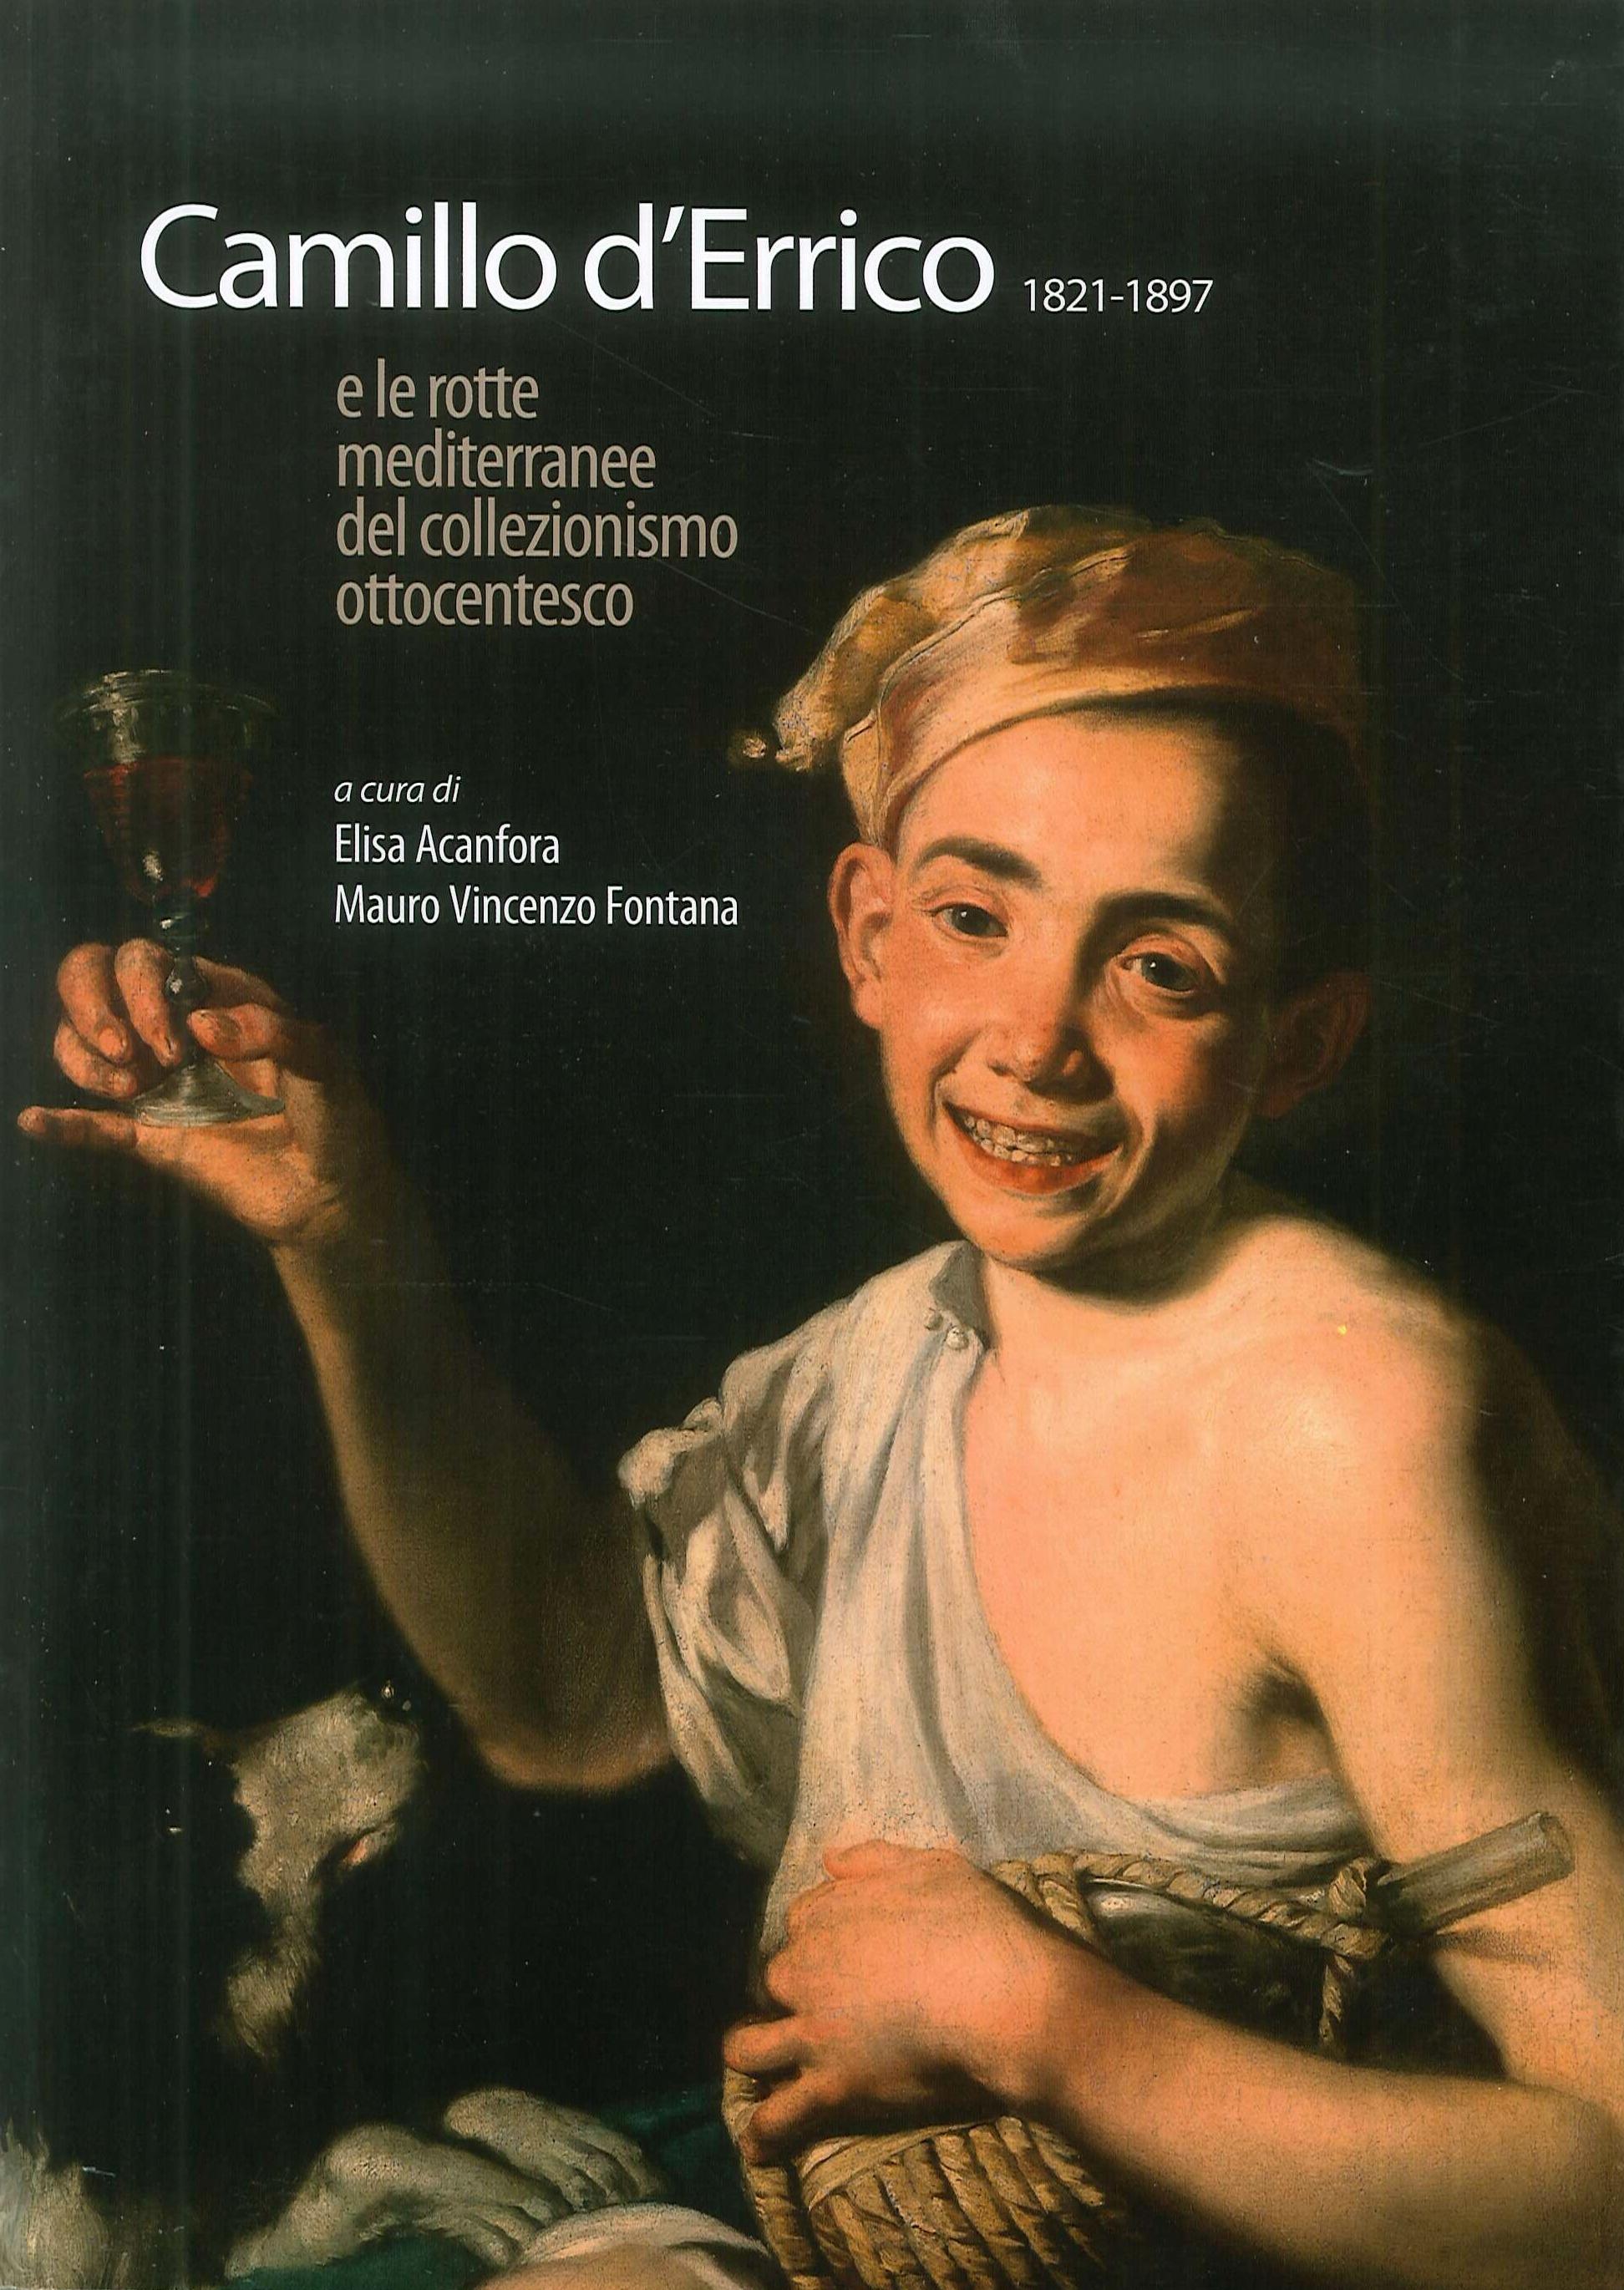 Camillo d'Errico e le Rotte Mediterranee del Collezionismo Ottocentesco